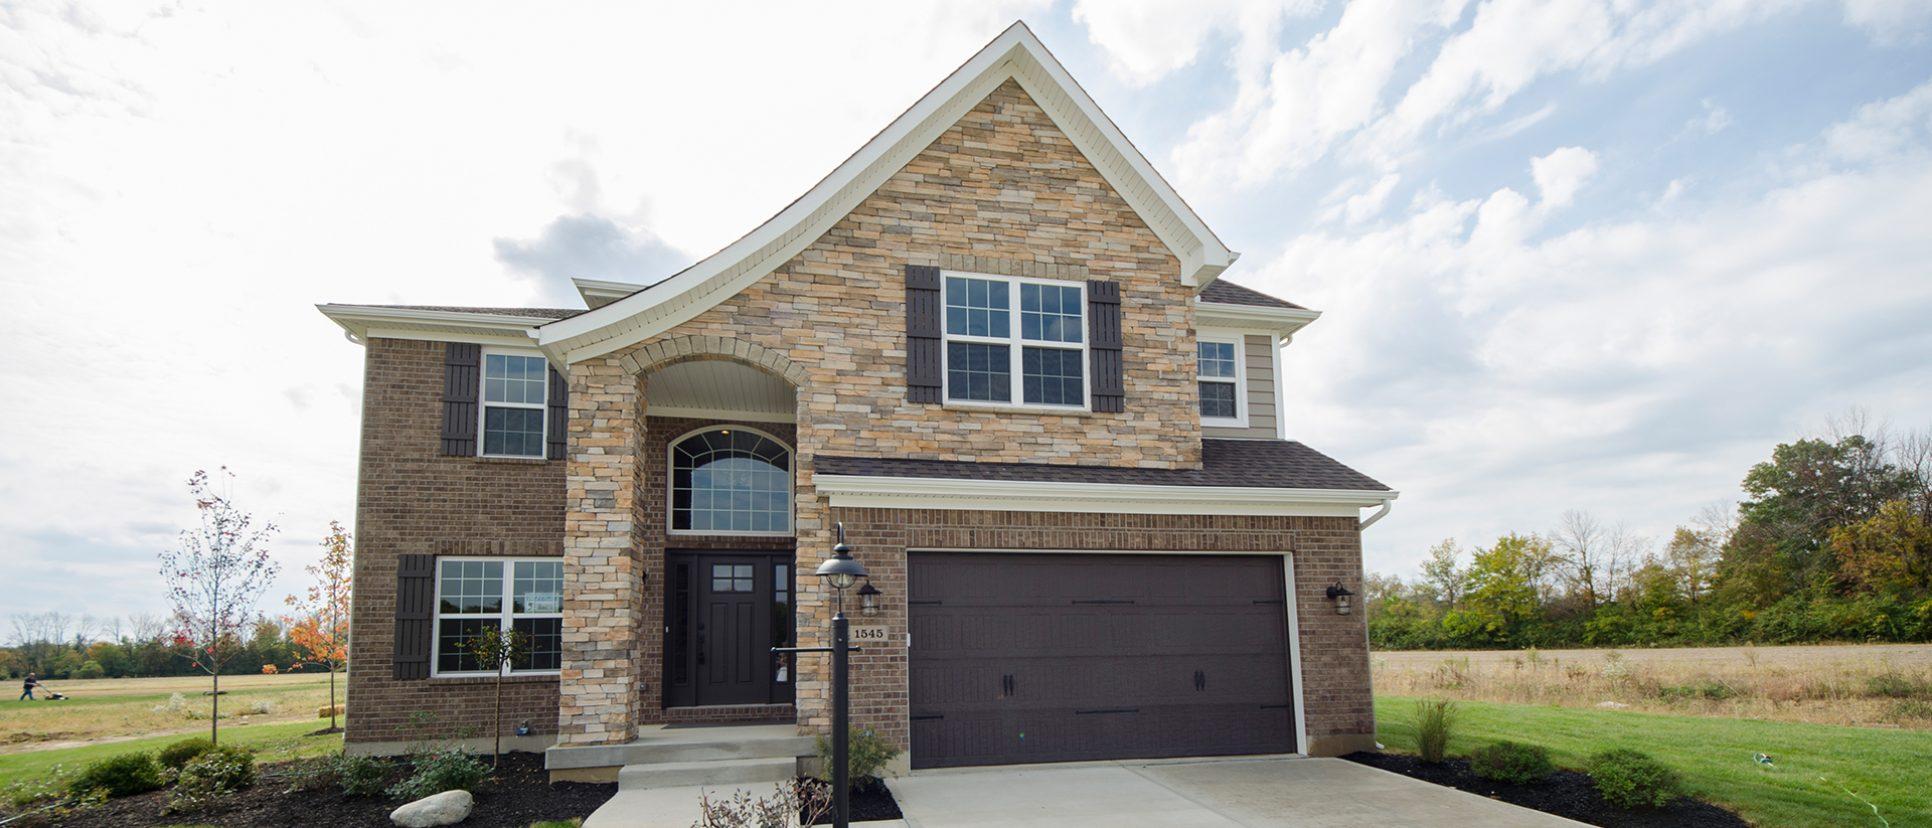 The Sarah custom exterior by Design Homes.